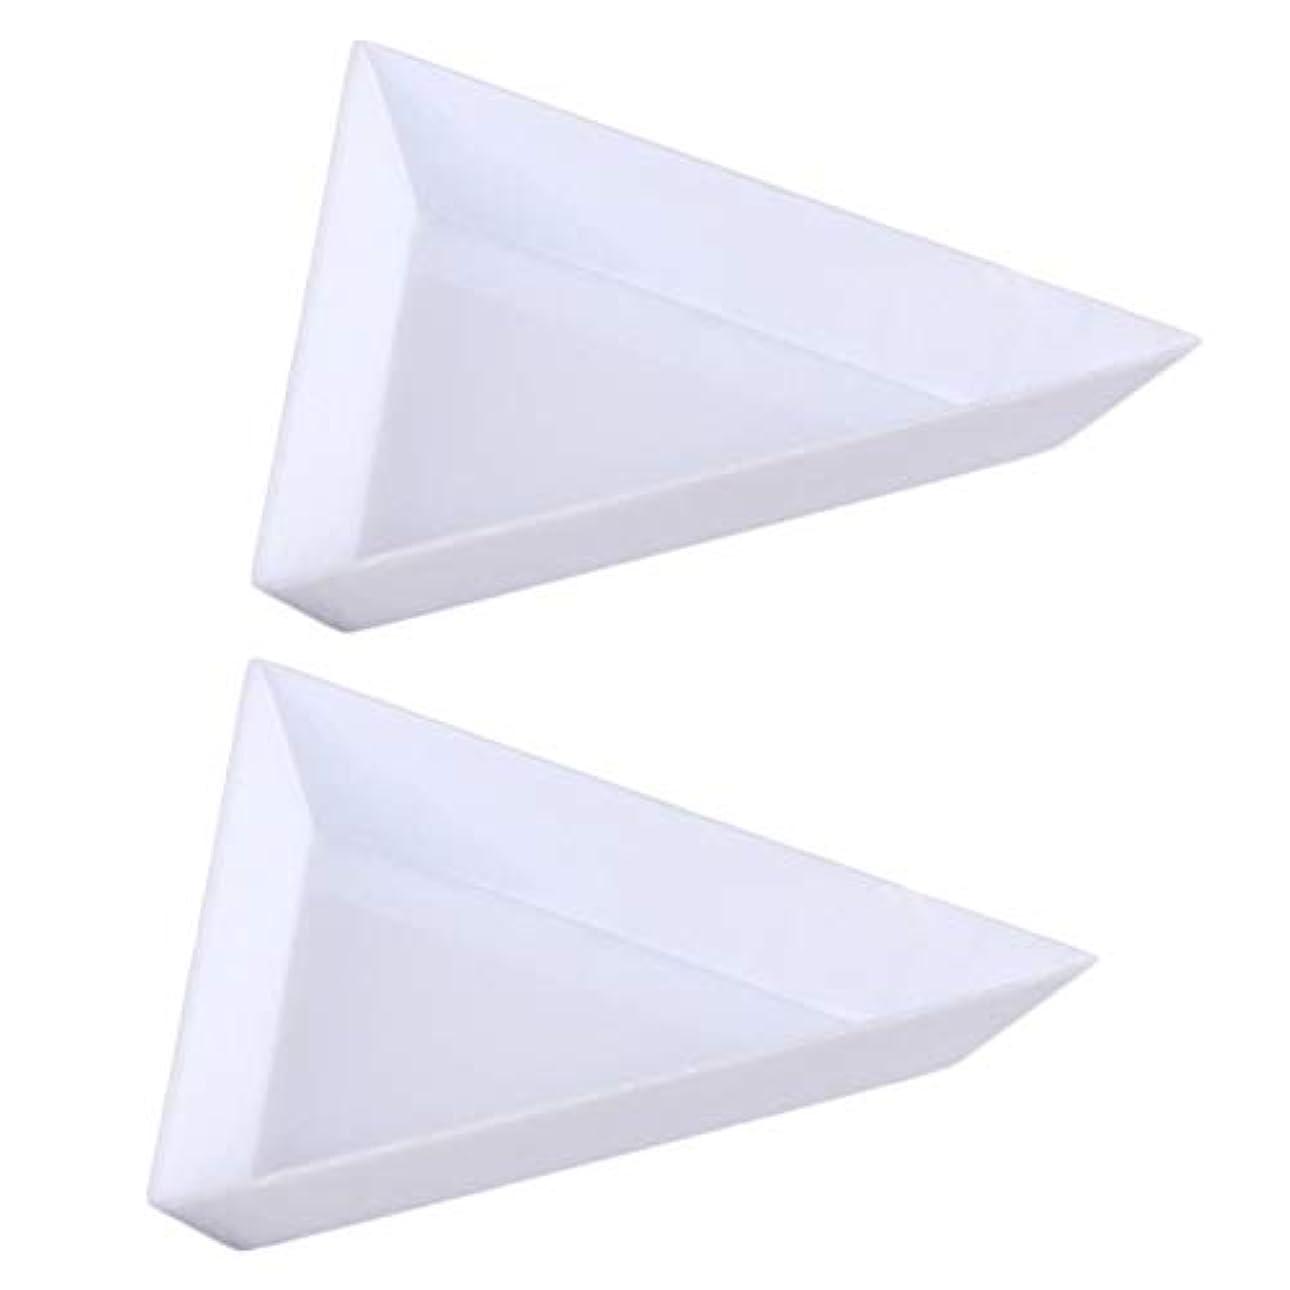 受け入れ確認してくださいダウンGaoominy 10個三角コーナープラスチックラインストーンビーズ 結晶 ネイルアートソーティングトレイアクセサリー白 DiyネイルアートデコレーションDotting収納トレイ オーガニゼーションに最適